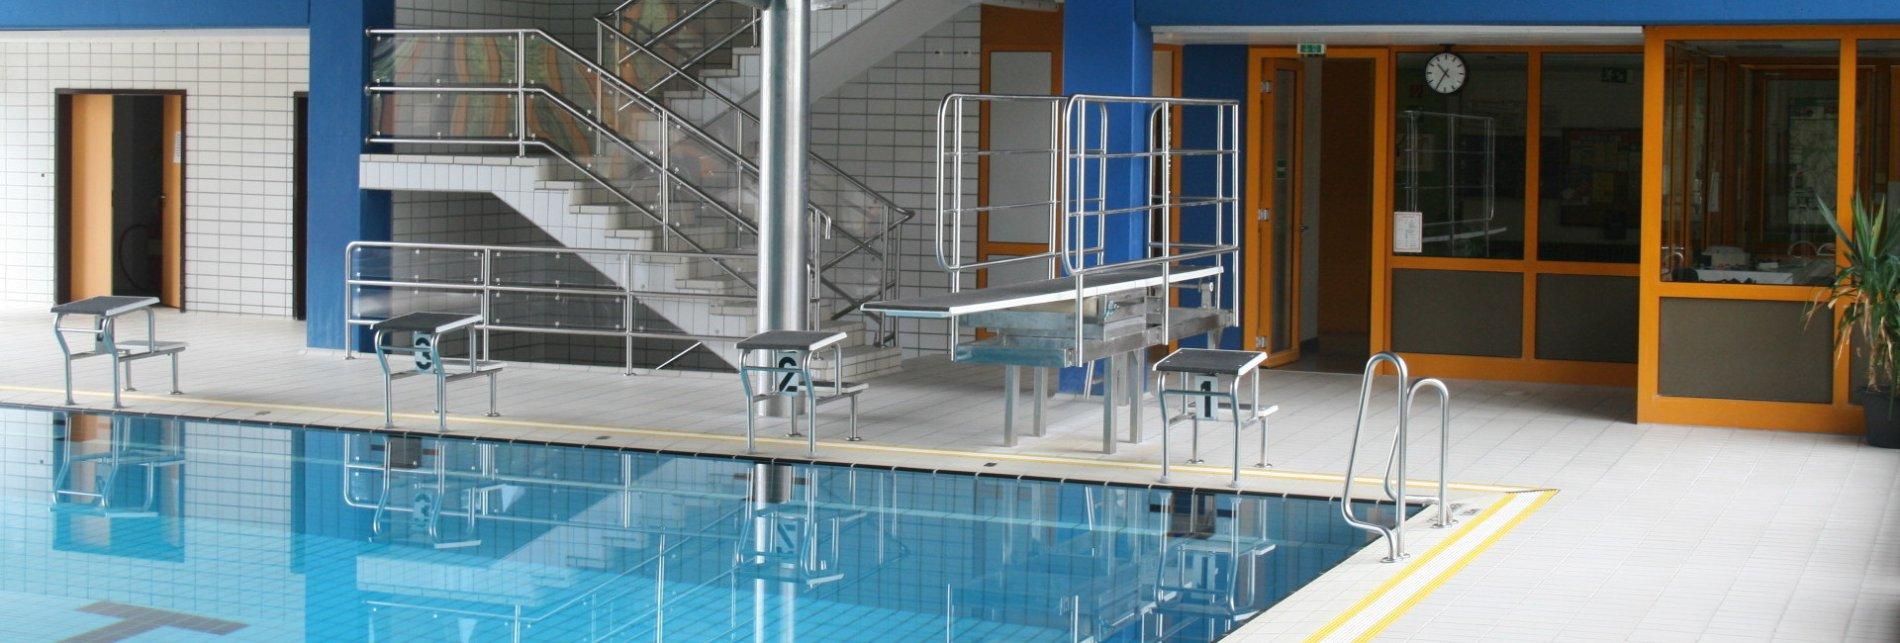 Ein Schwimmbecken in einer Halle, an dessen Ende mehrere Sprungbretter und Sprungblöcke. Dahinter ist eine Treppe.